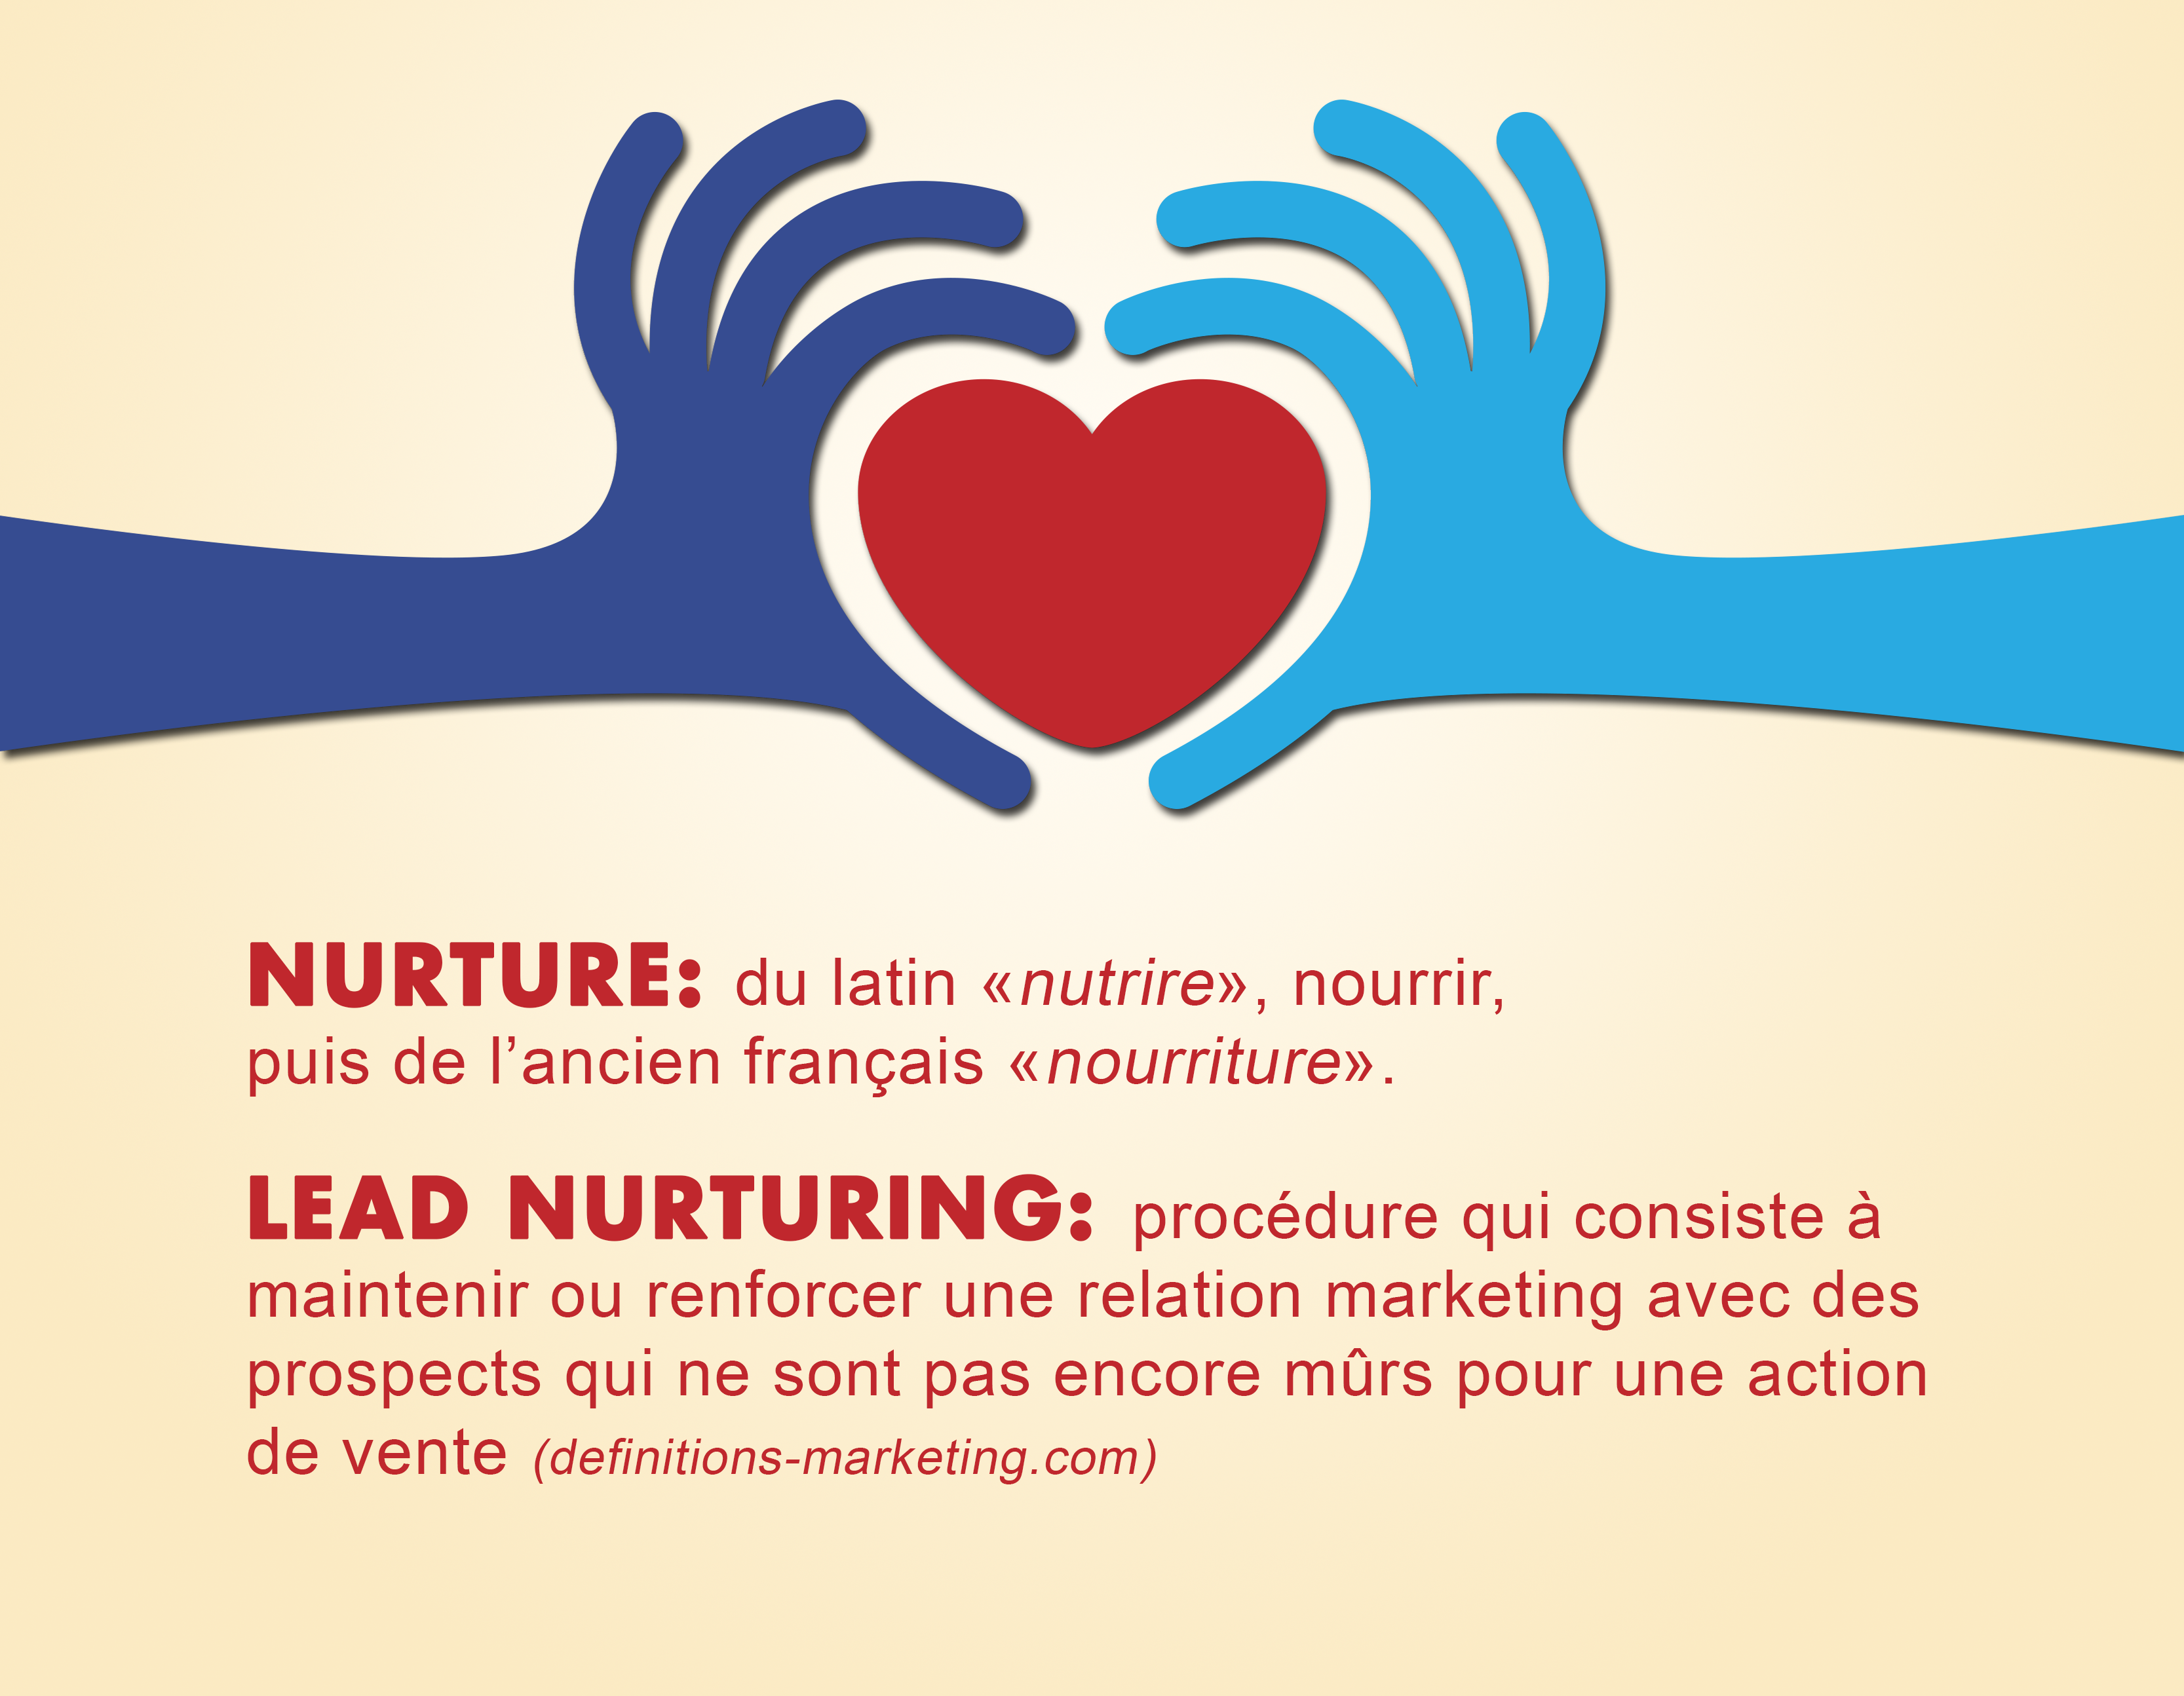 lead nurturing kreatys lamoureux